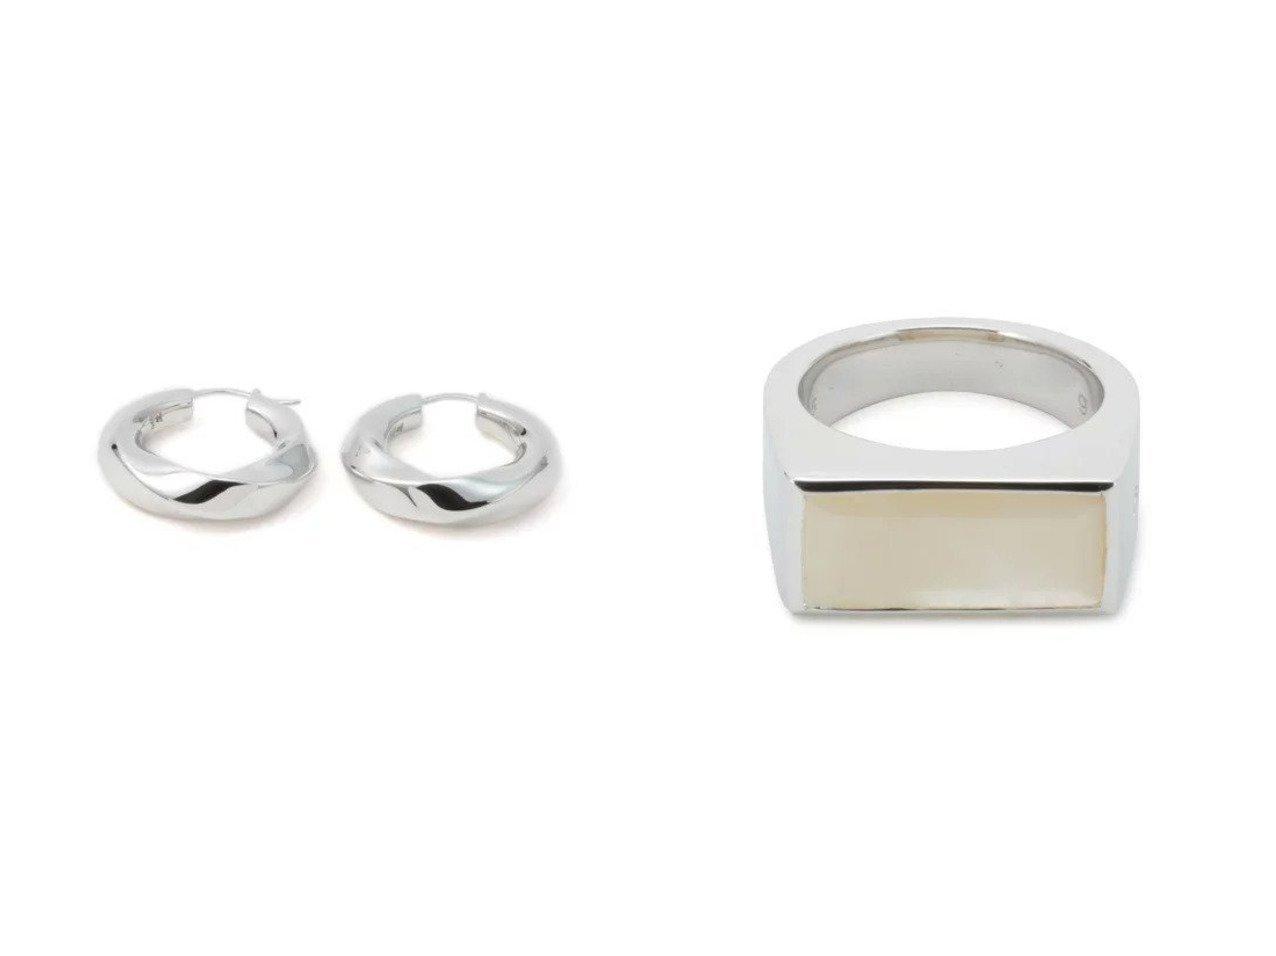 【TOM WOOD/トムウッド】のInfinity Hoops&Peaky Ring White MOP おすすめ!人気、トレンド・レディースファッションの通販 おすすめで人気の流行・トレンド、ファッションの通販商品 インテリア・家具・メンズファッション・キッズファッション・レディースファッション・服の通販 founy(ファニー) https://founy.com/ ファッション Fashion レディースファッション WOMEN ワンピース Dress アクセサリー シルバー バランス フェイス おすすめ Recommend クール シンプル フープ  ID:crp329100000062515